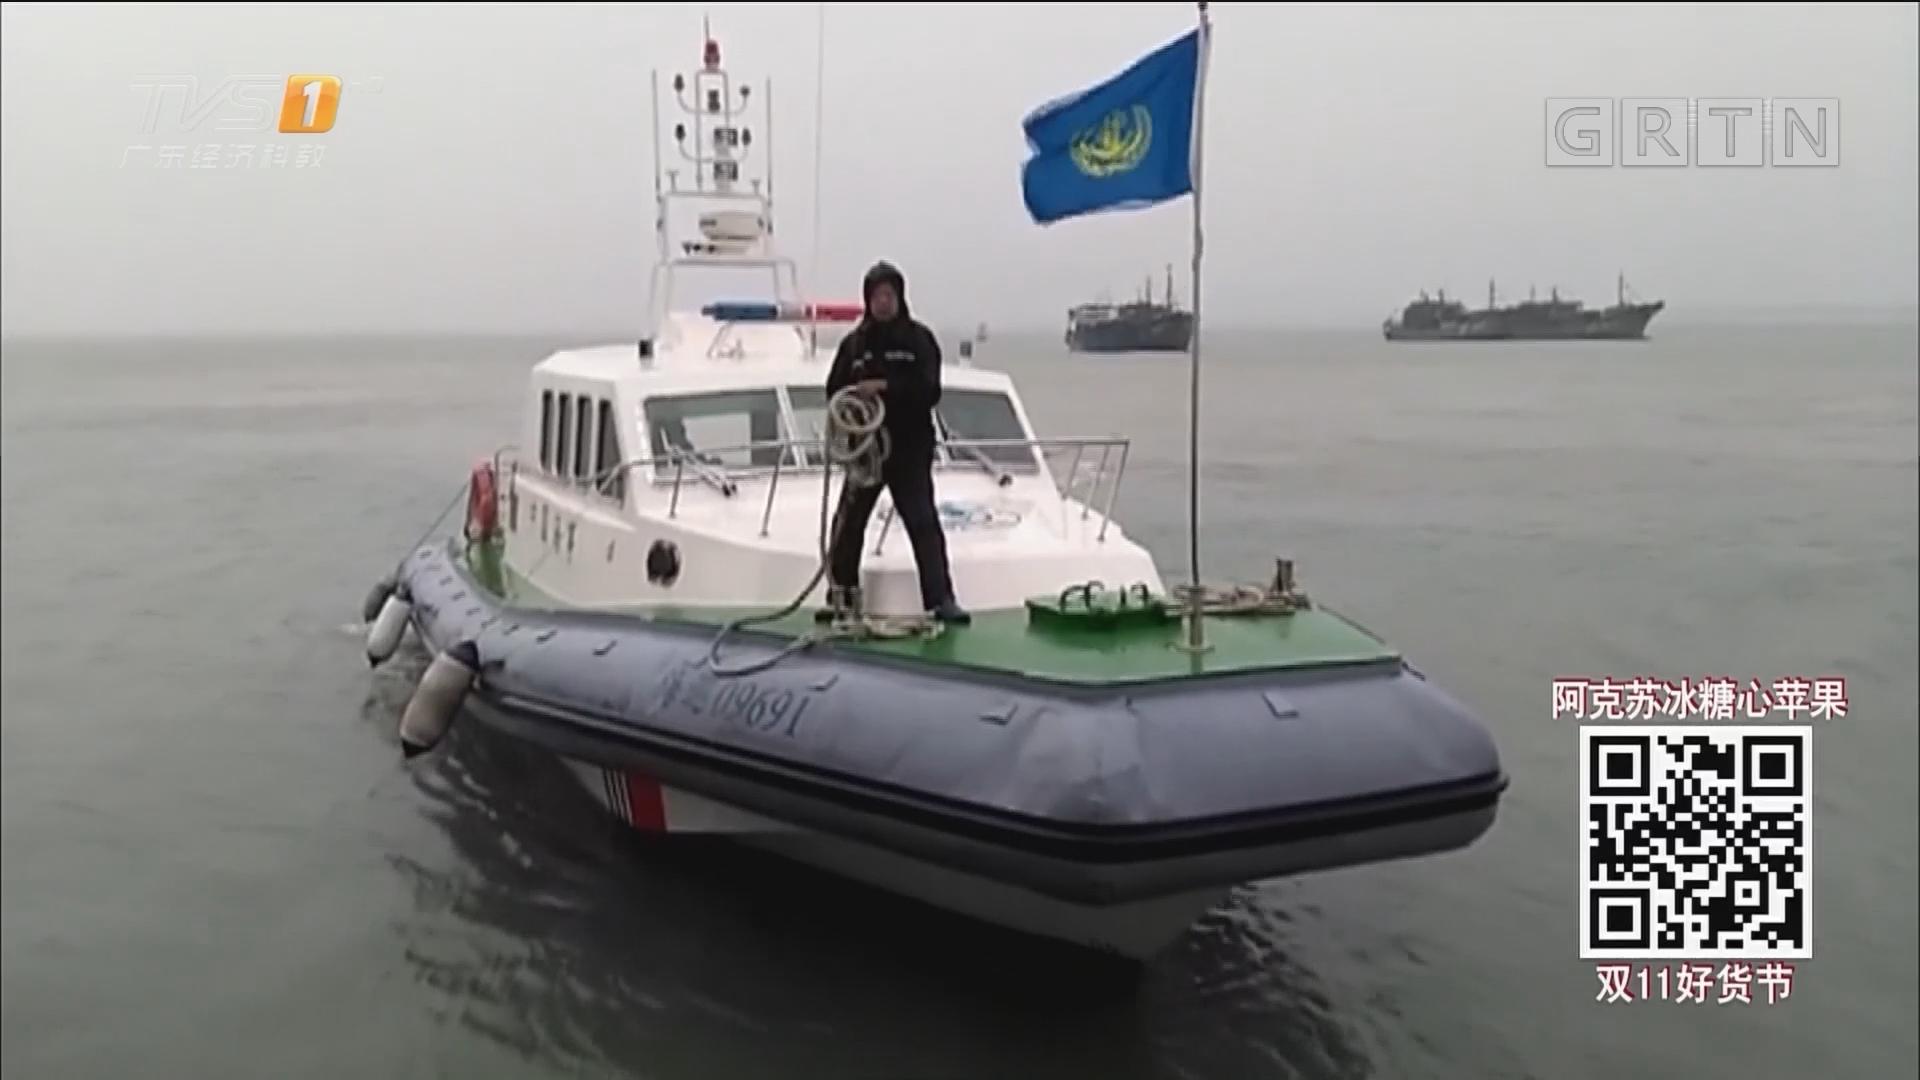 揭阳:一货轮遭遇寒潮大风沉没 14名船员遇险全部获救